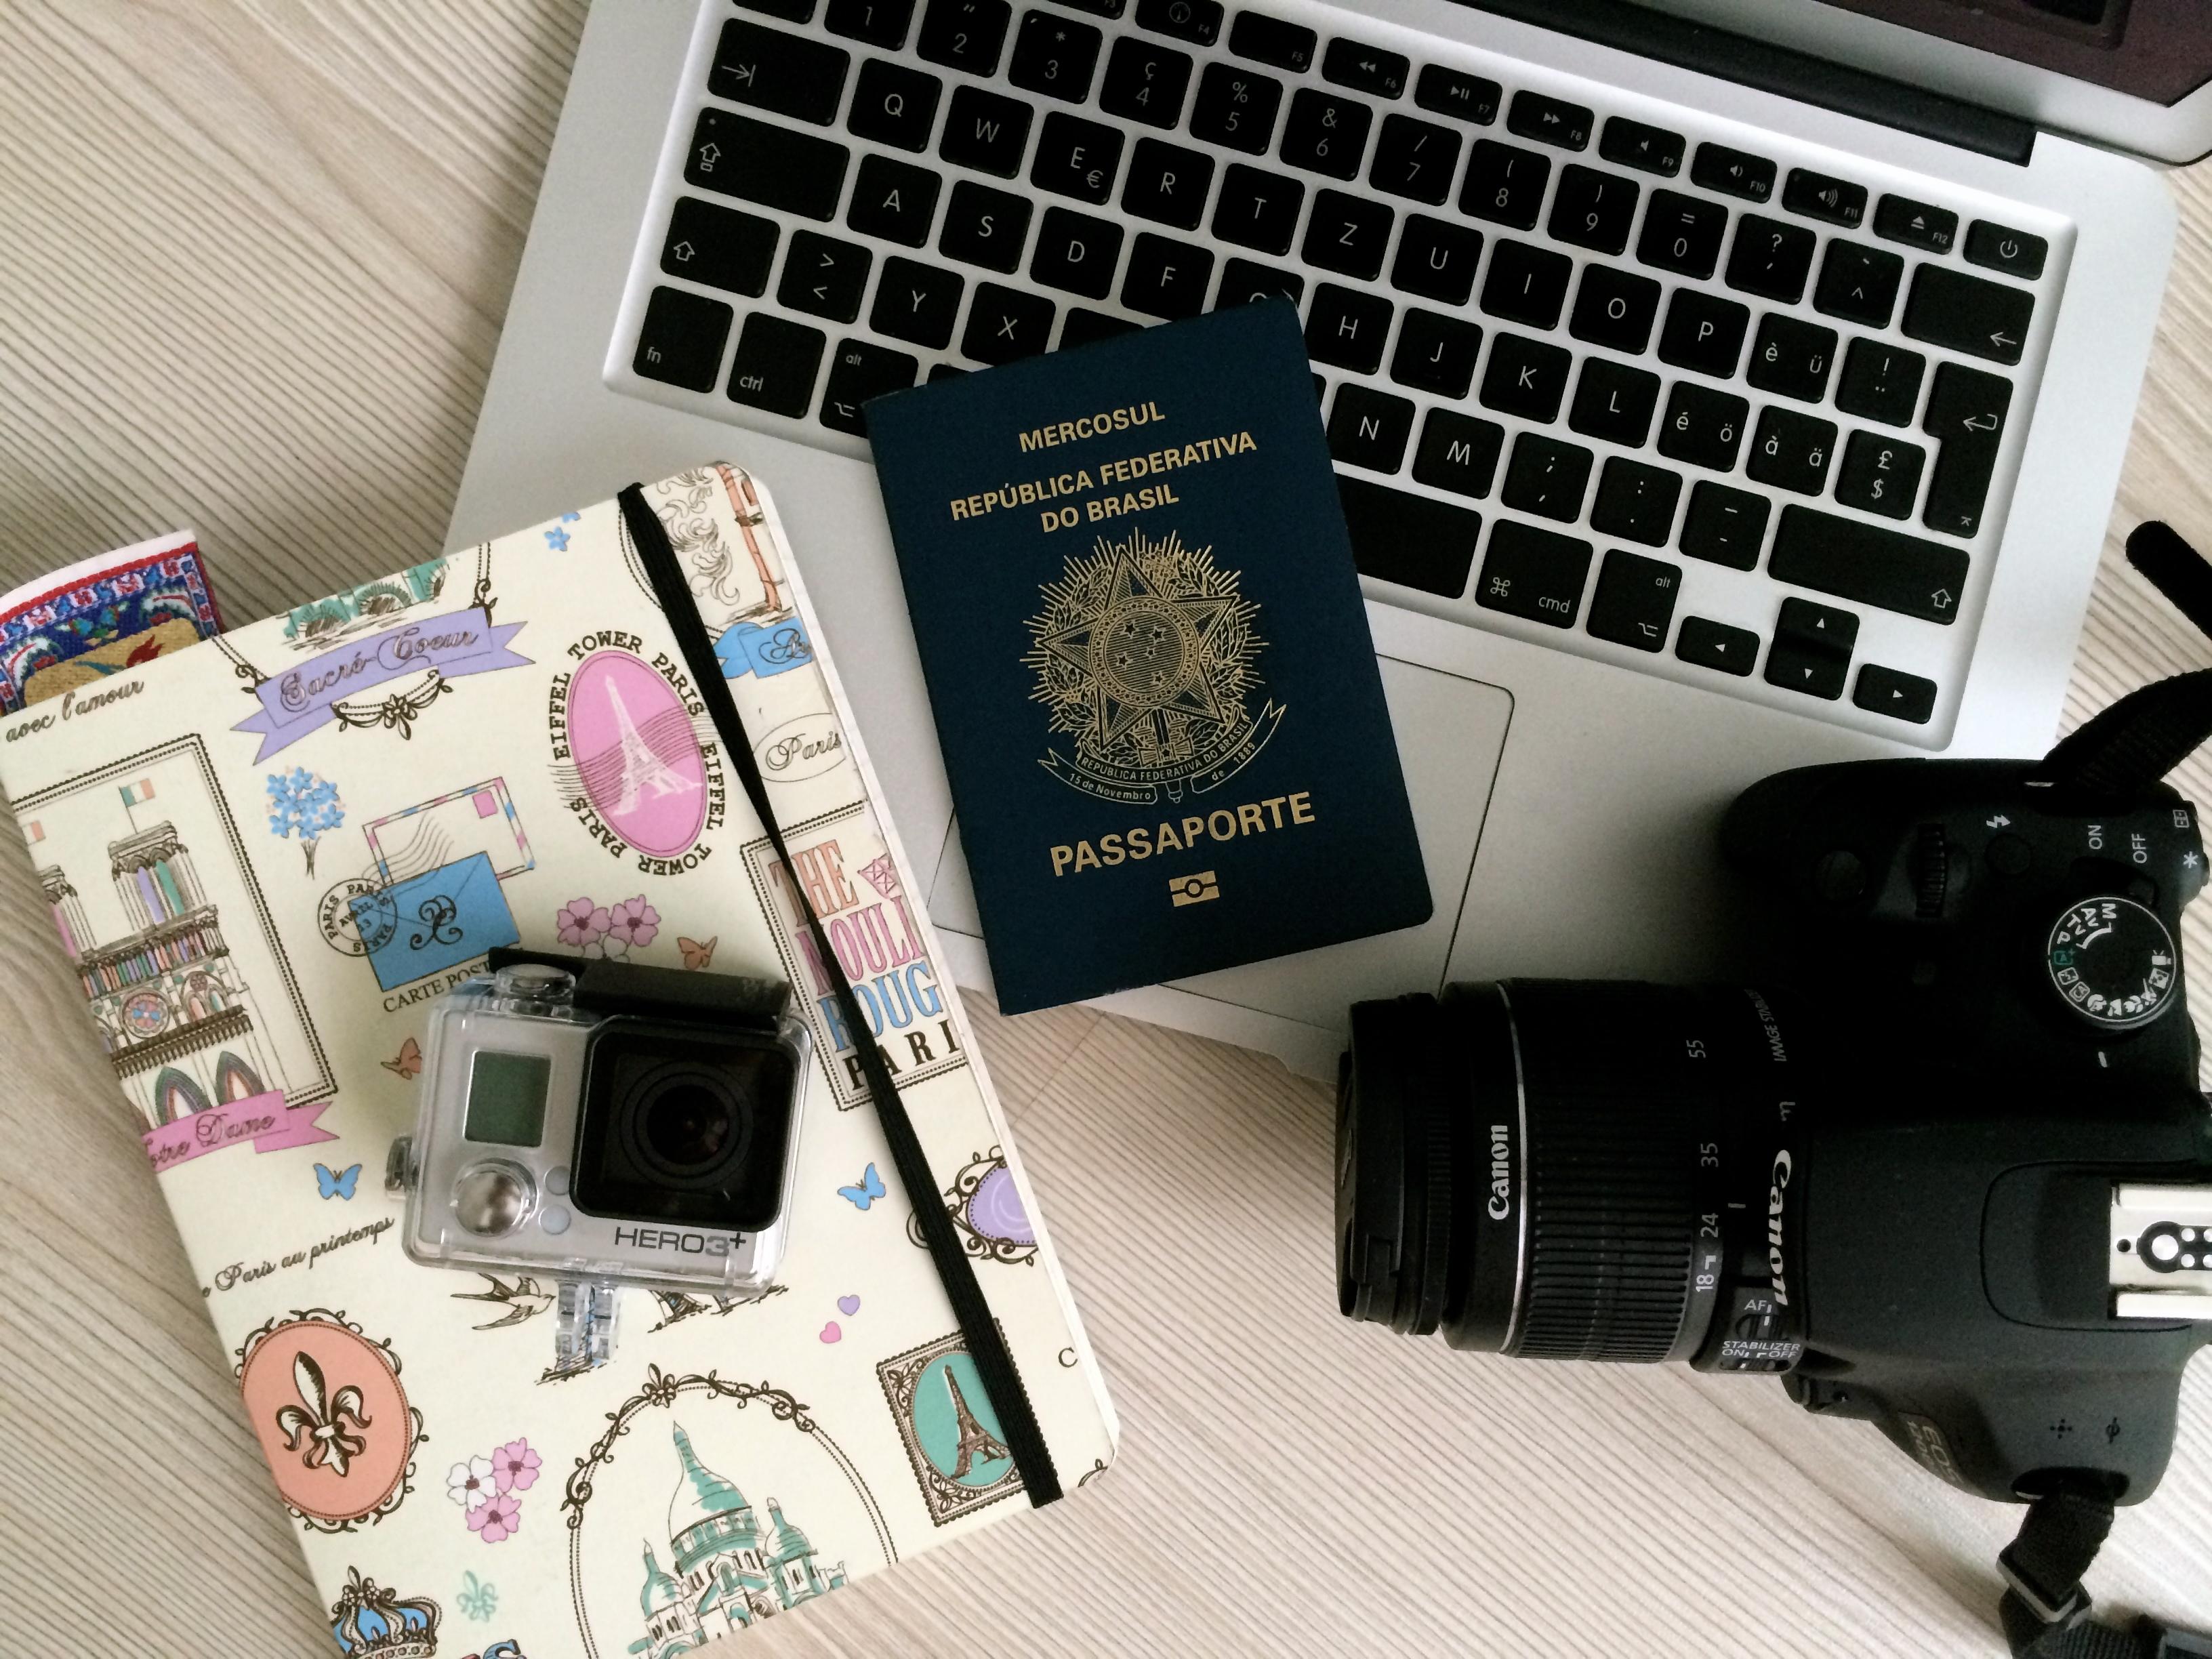 Escrevendo o Packing my Suitcase